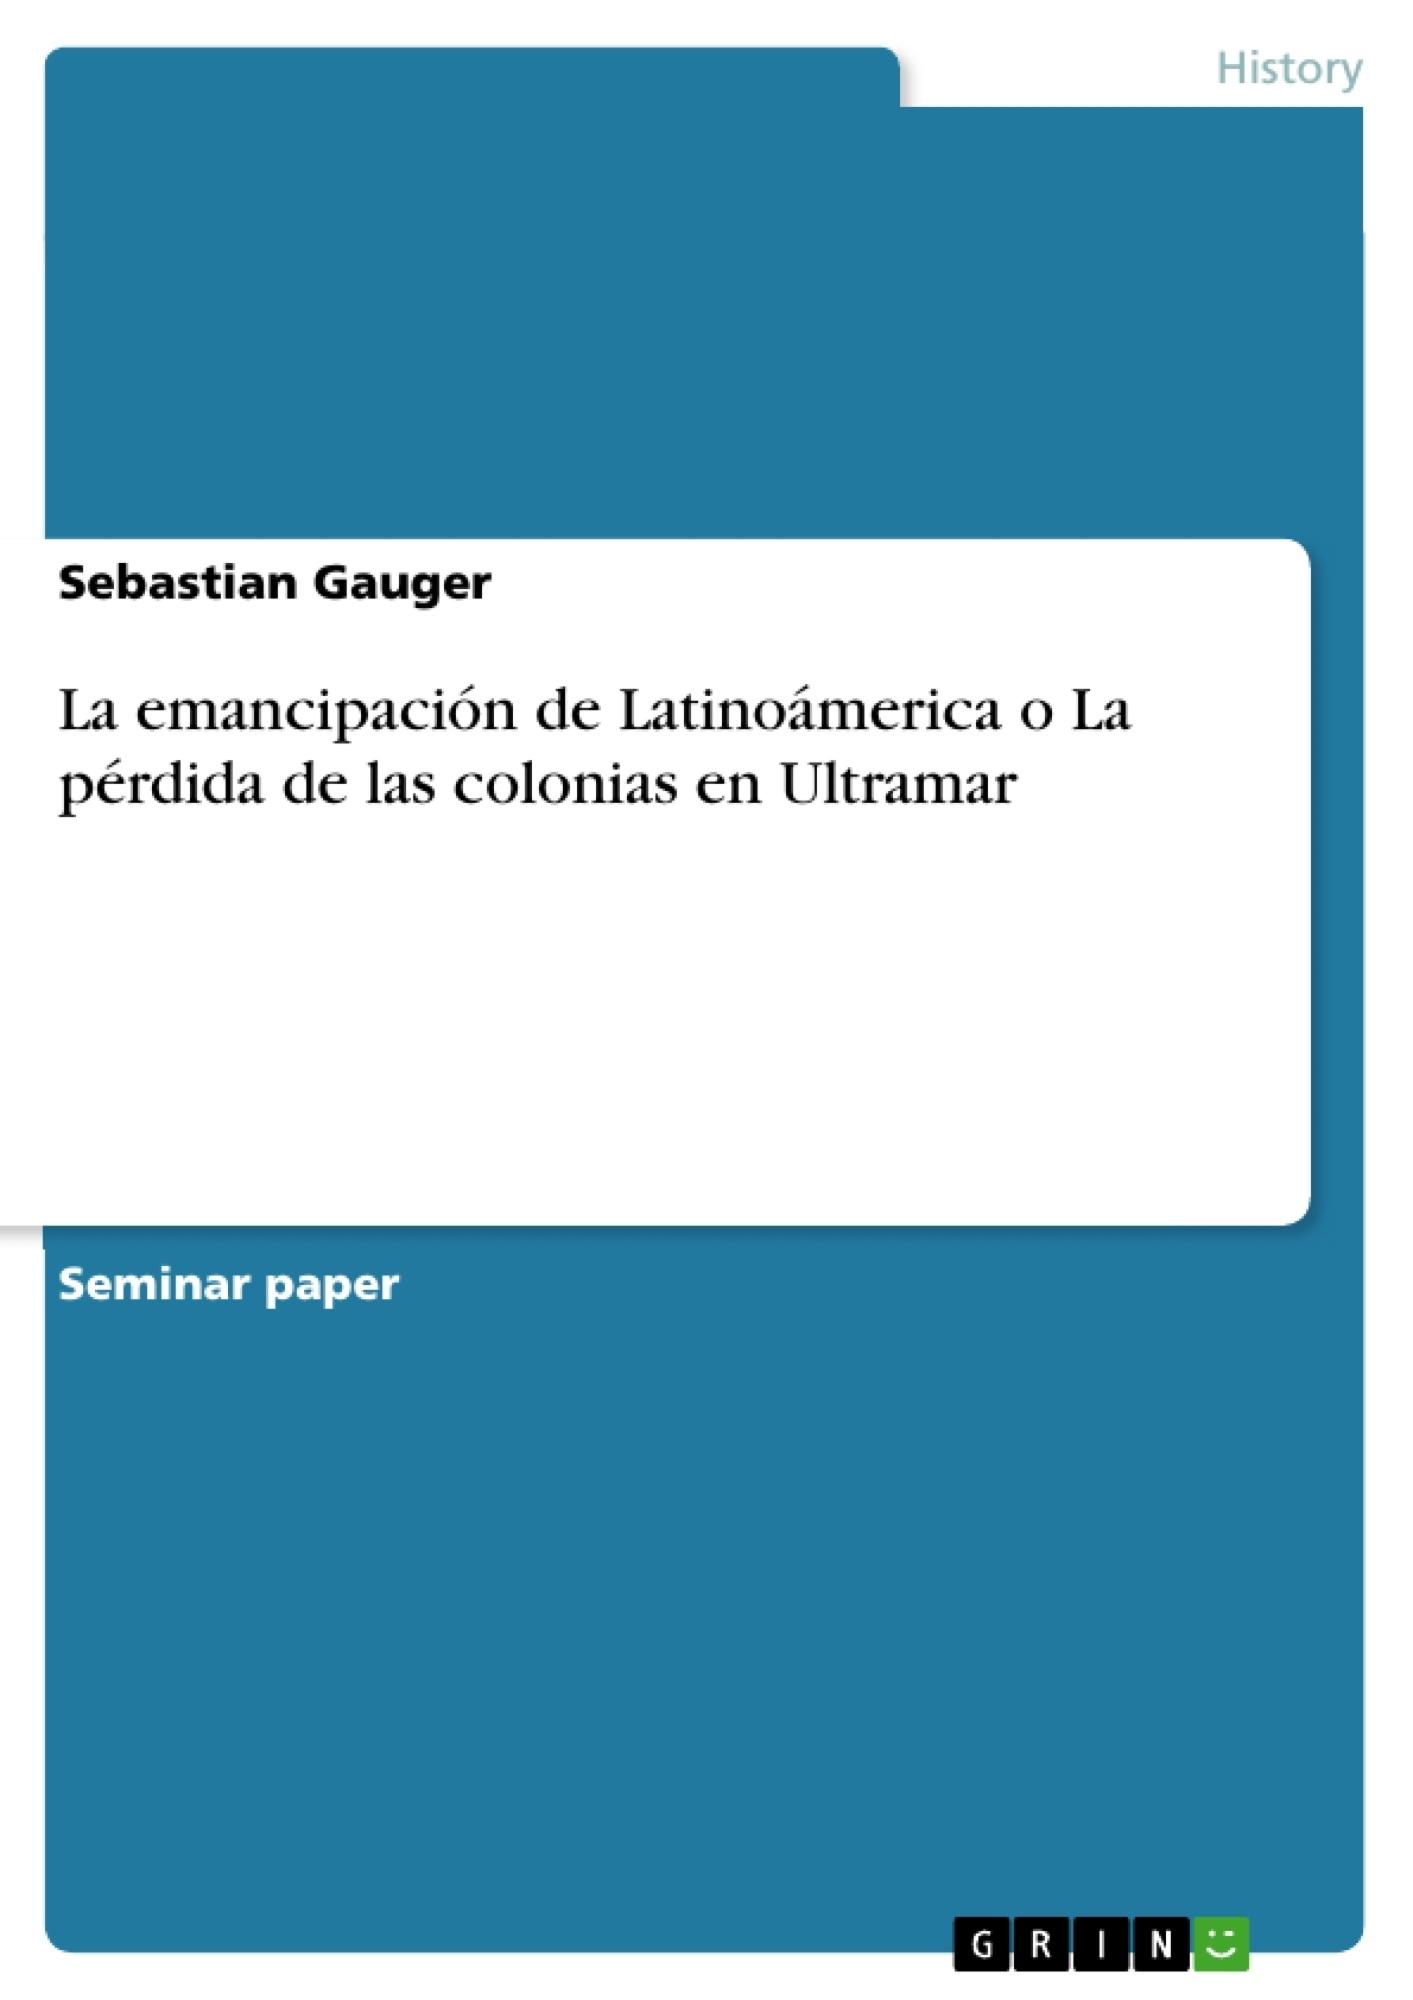 Título: La emancipación de Latinoámerica o La pérdida de las colonias en Ultramar